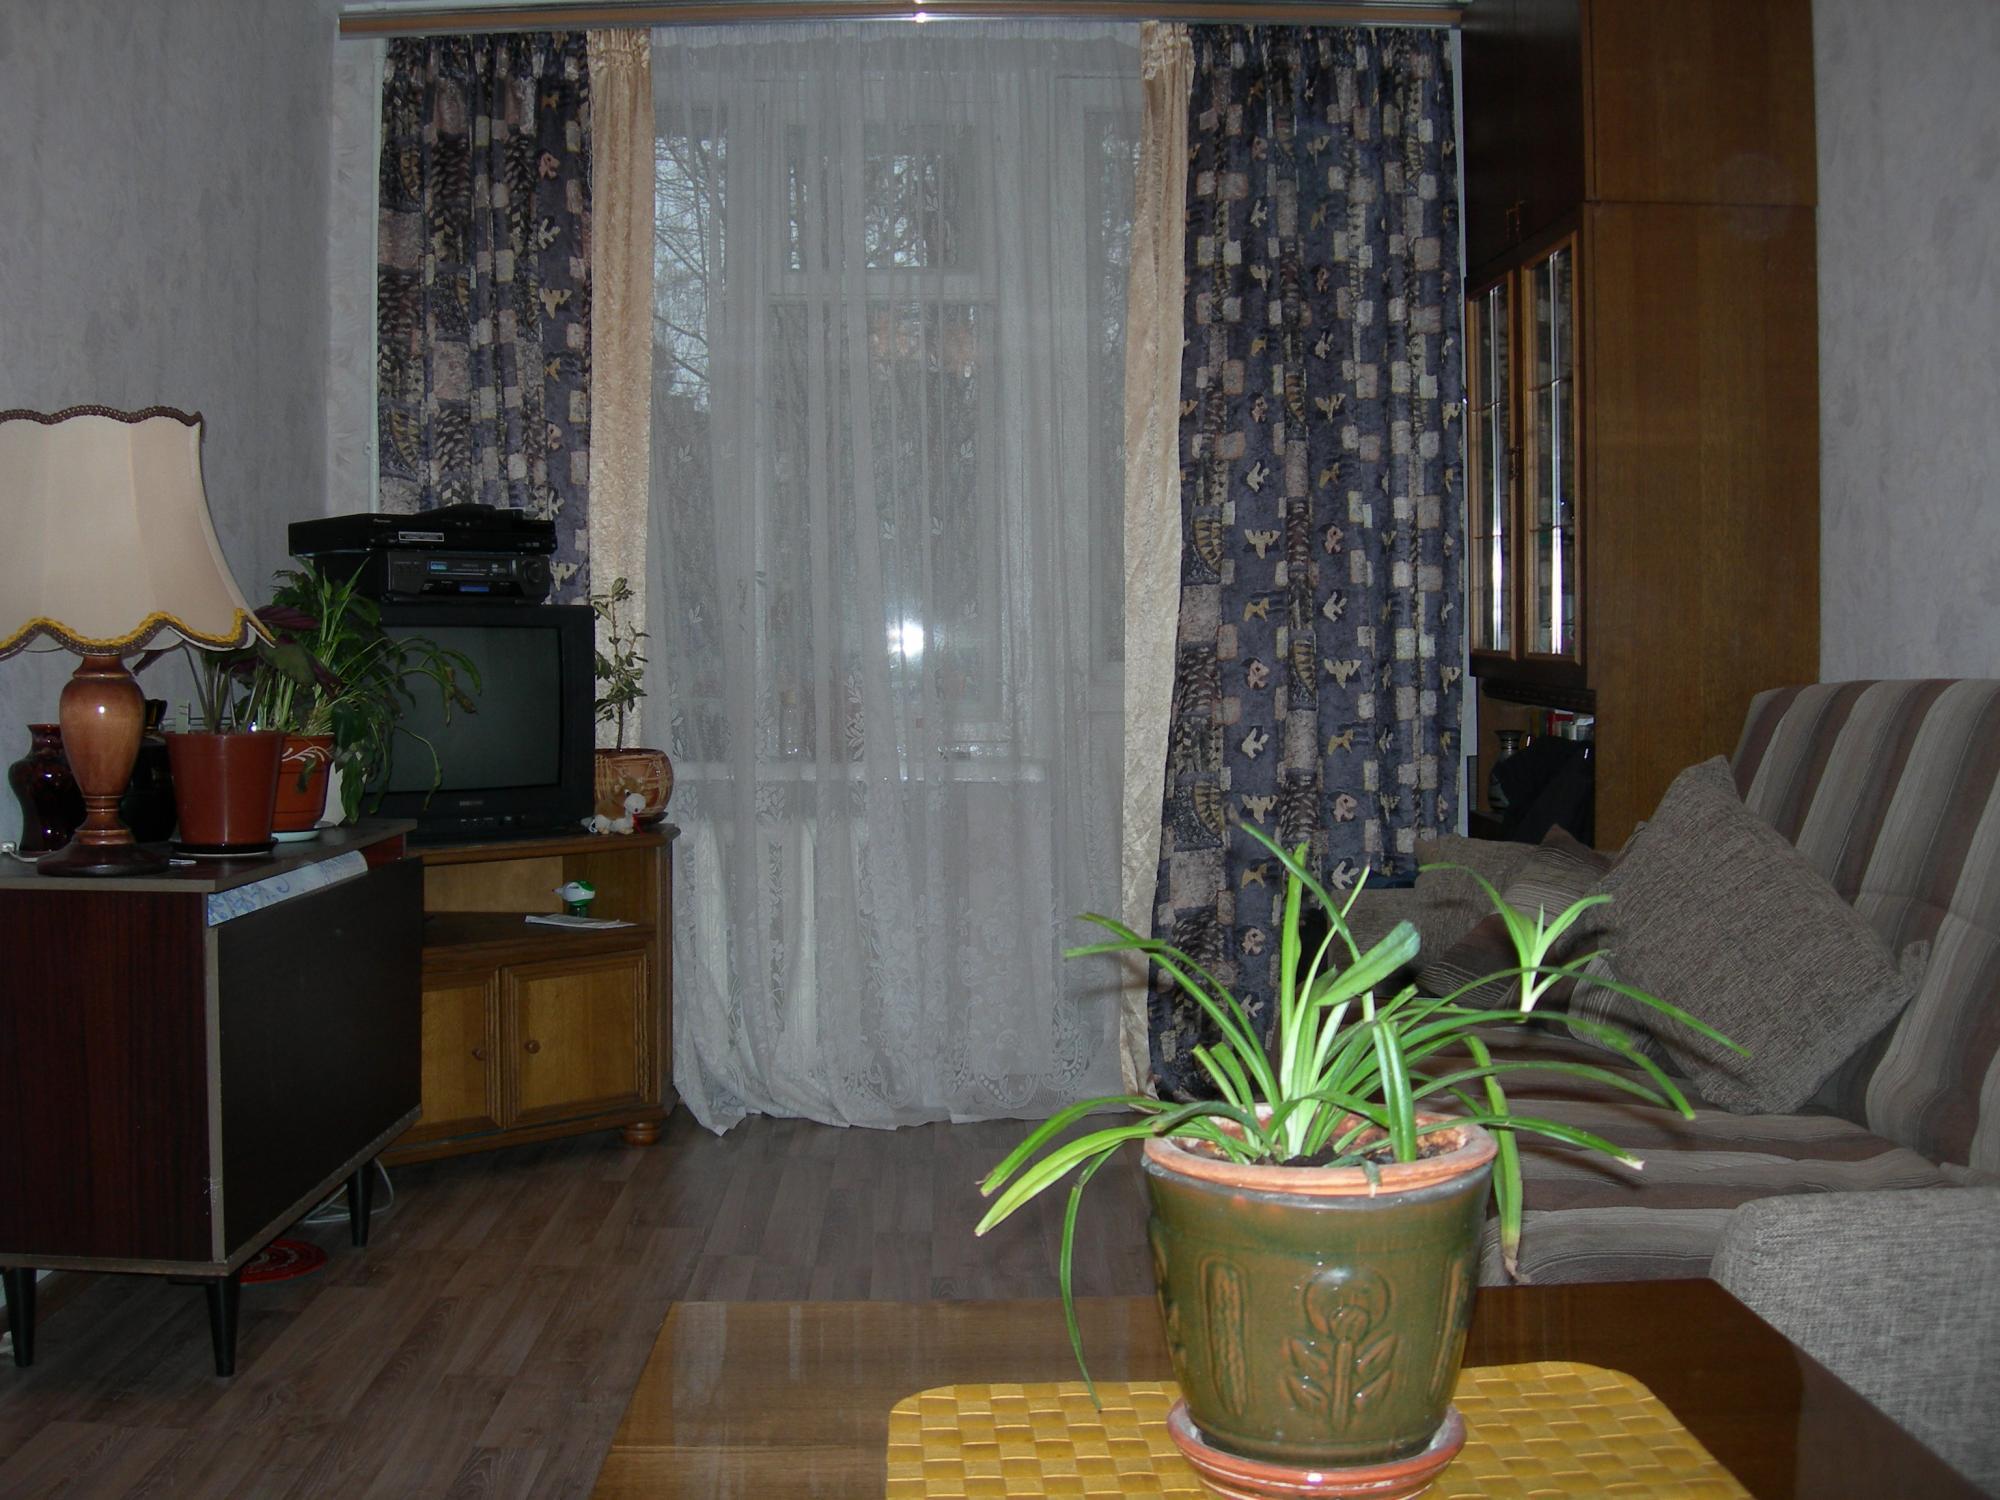 Квартира, 1 комната, 30 м² в Москве 89104618174 купить 3